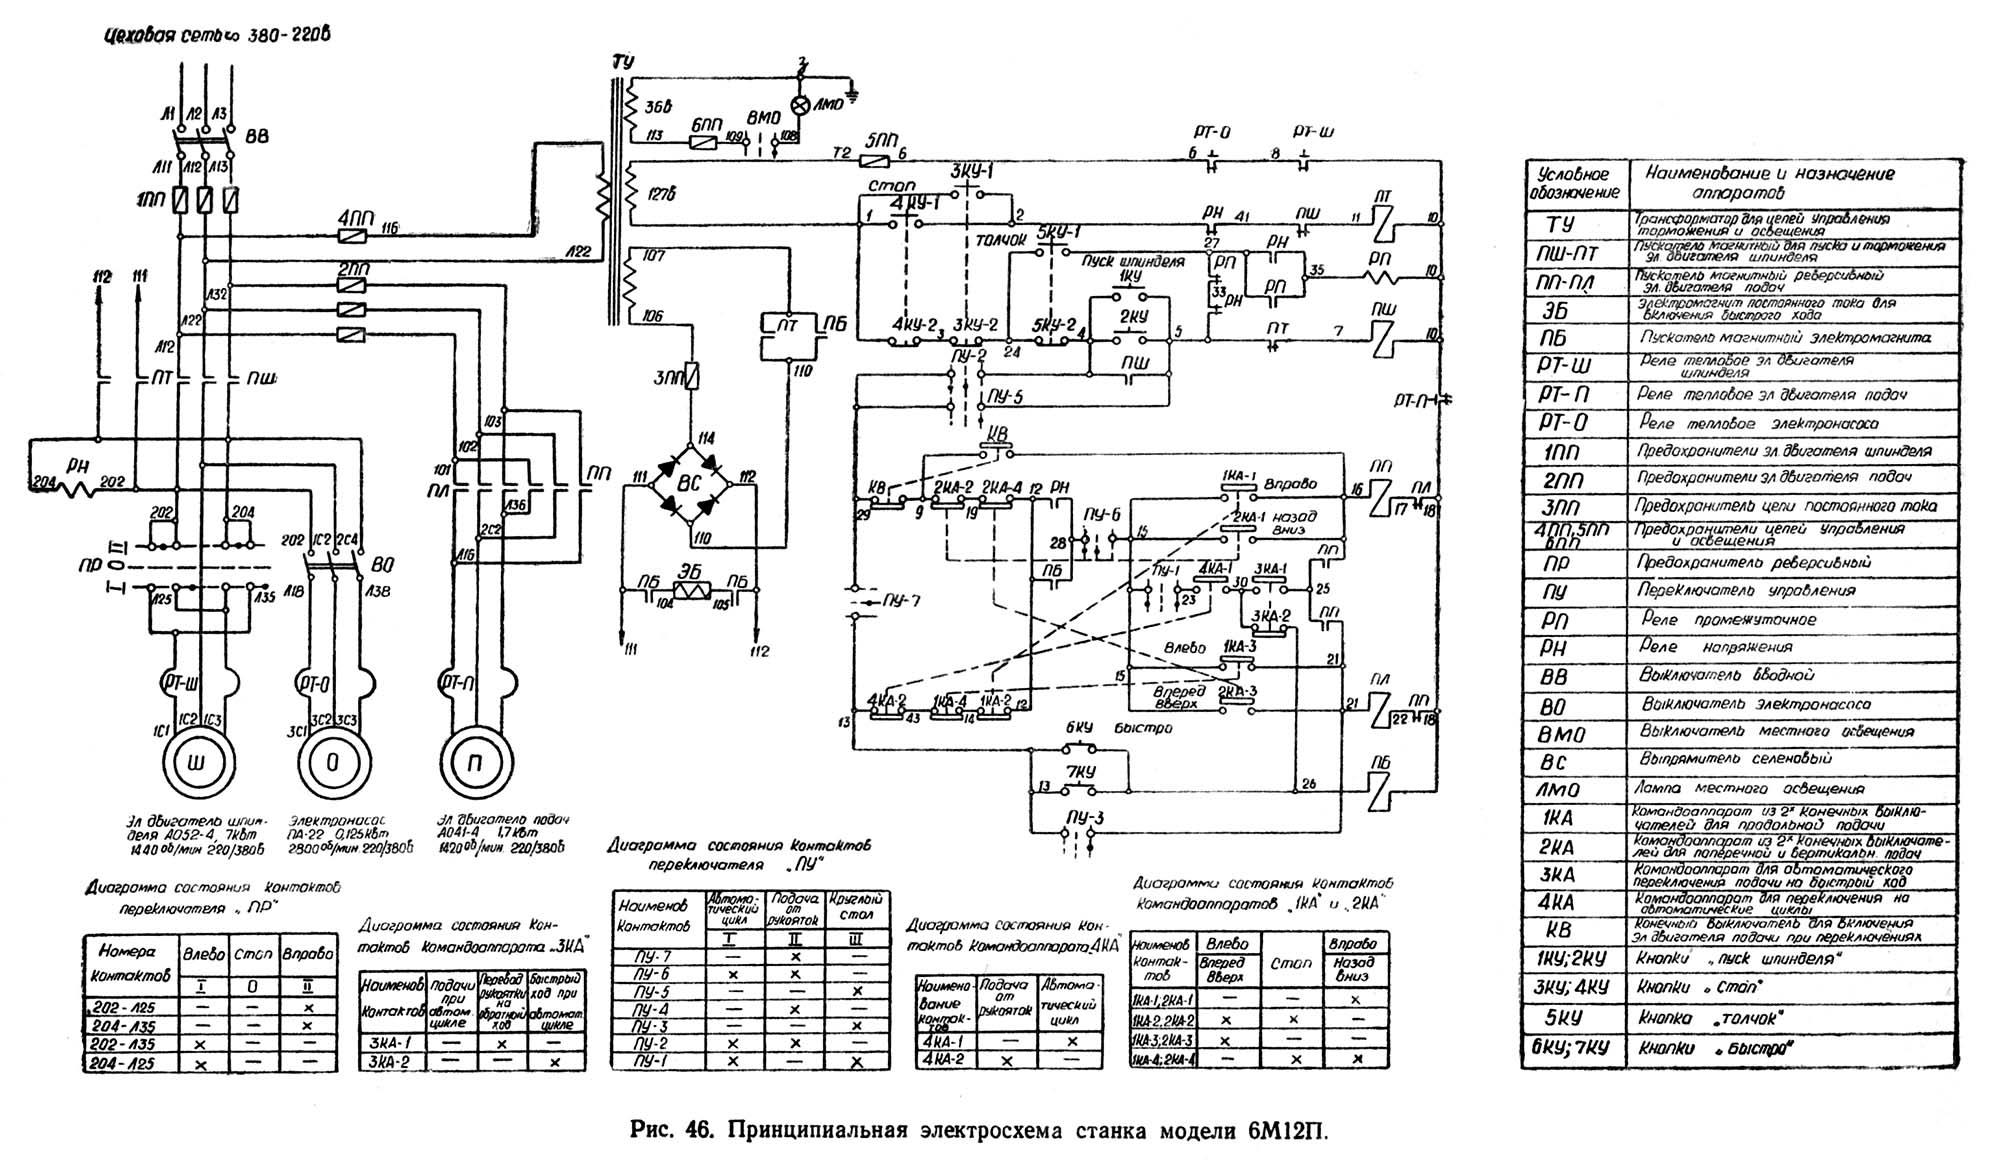 Фрезерный станок вм127: технические характеристики, схемы, эксплуатация